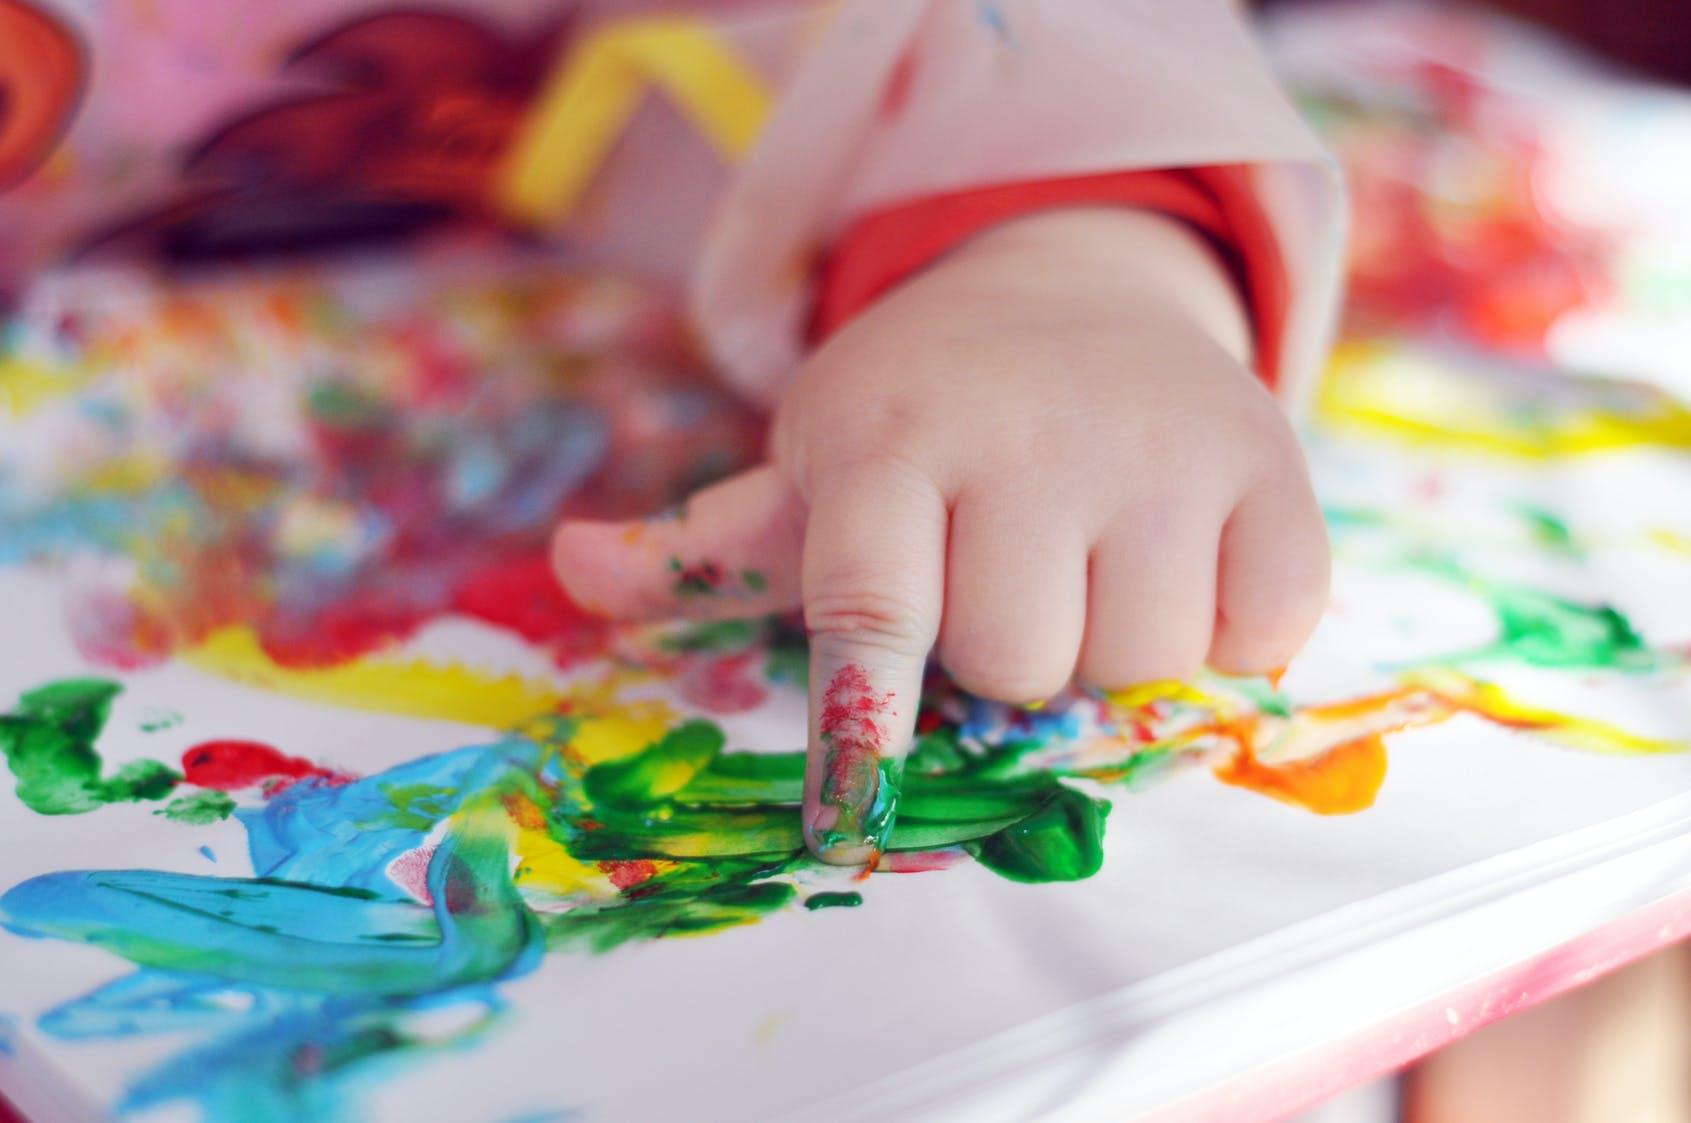 activité manuelle bébé : peinture et pâte à modeler | parents.fr